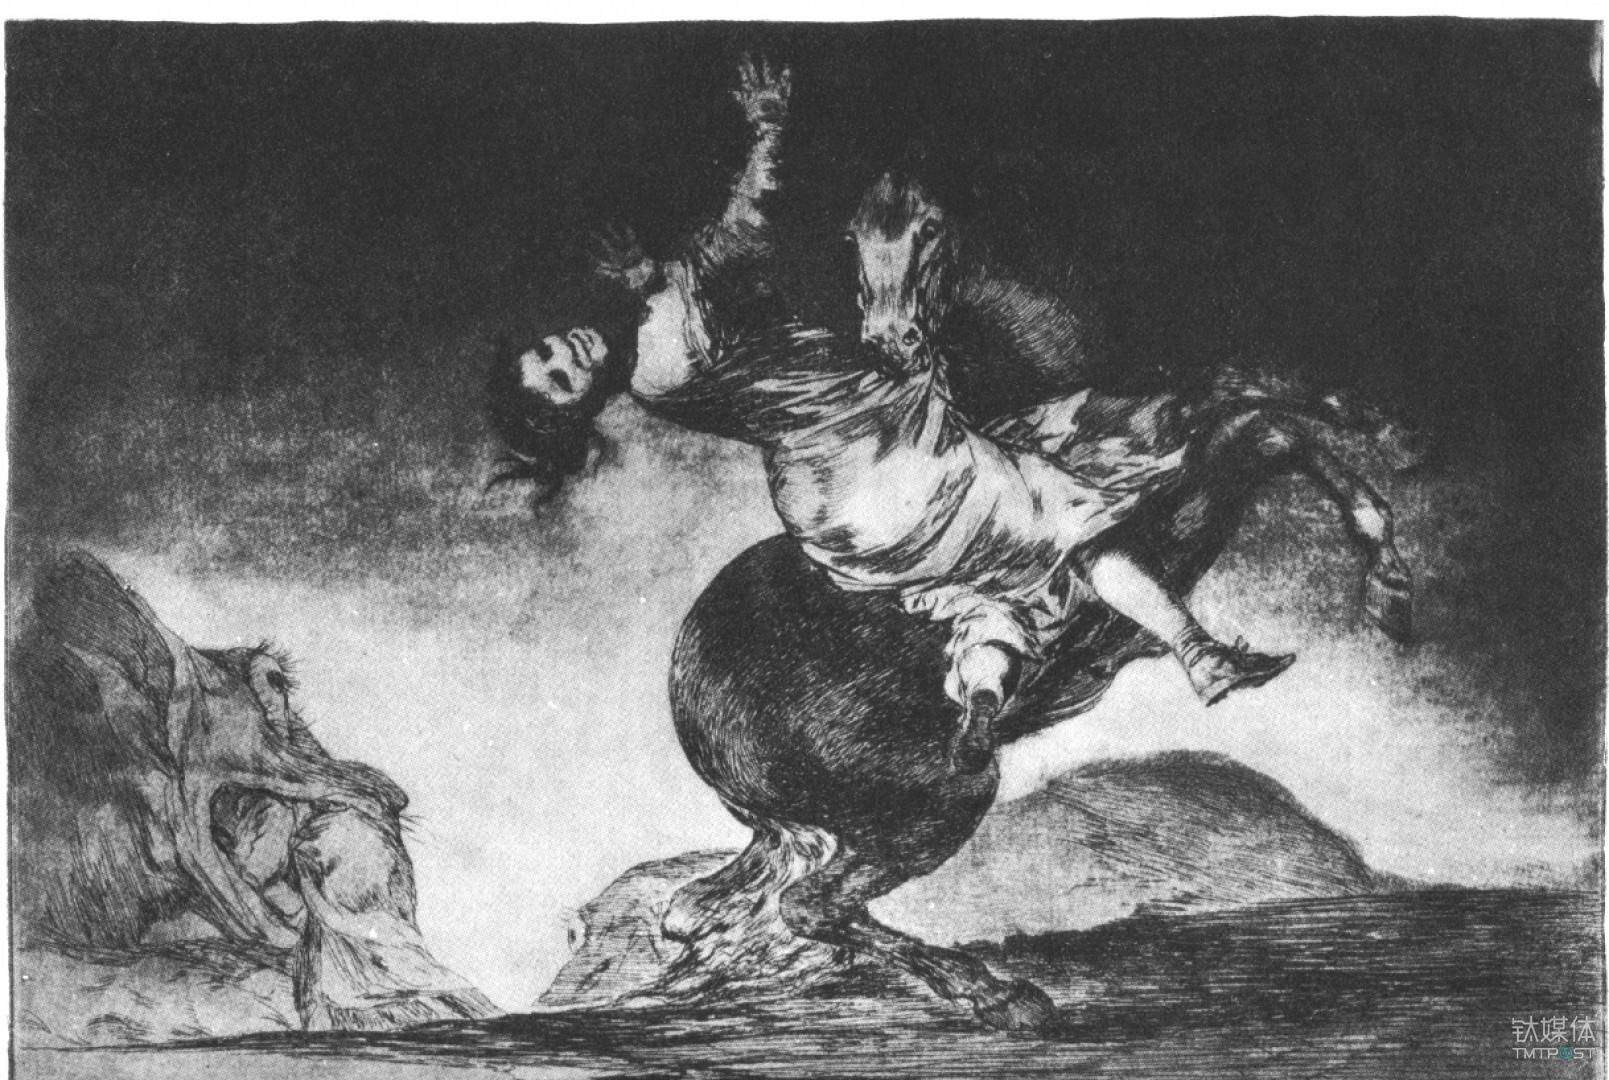 西班牙画家弗朗西斯科·戈雅为《猿与本质》创作的插图